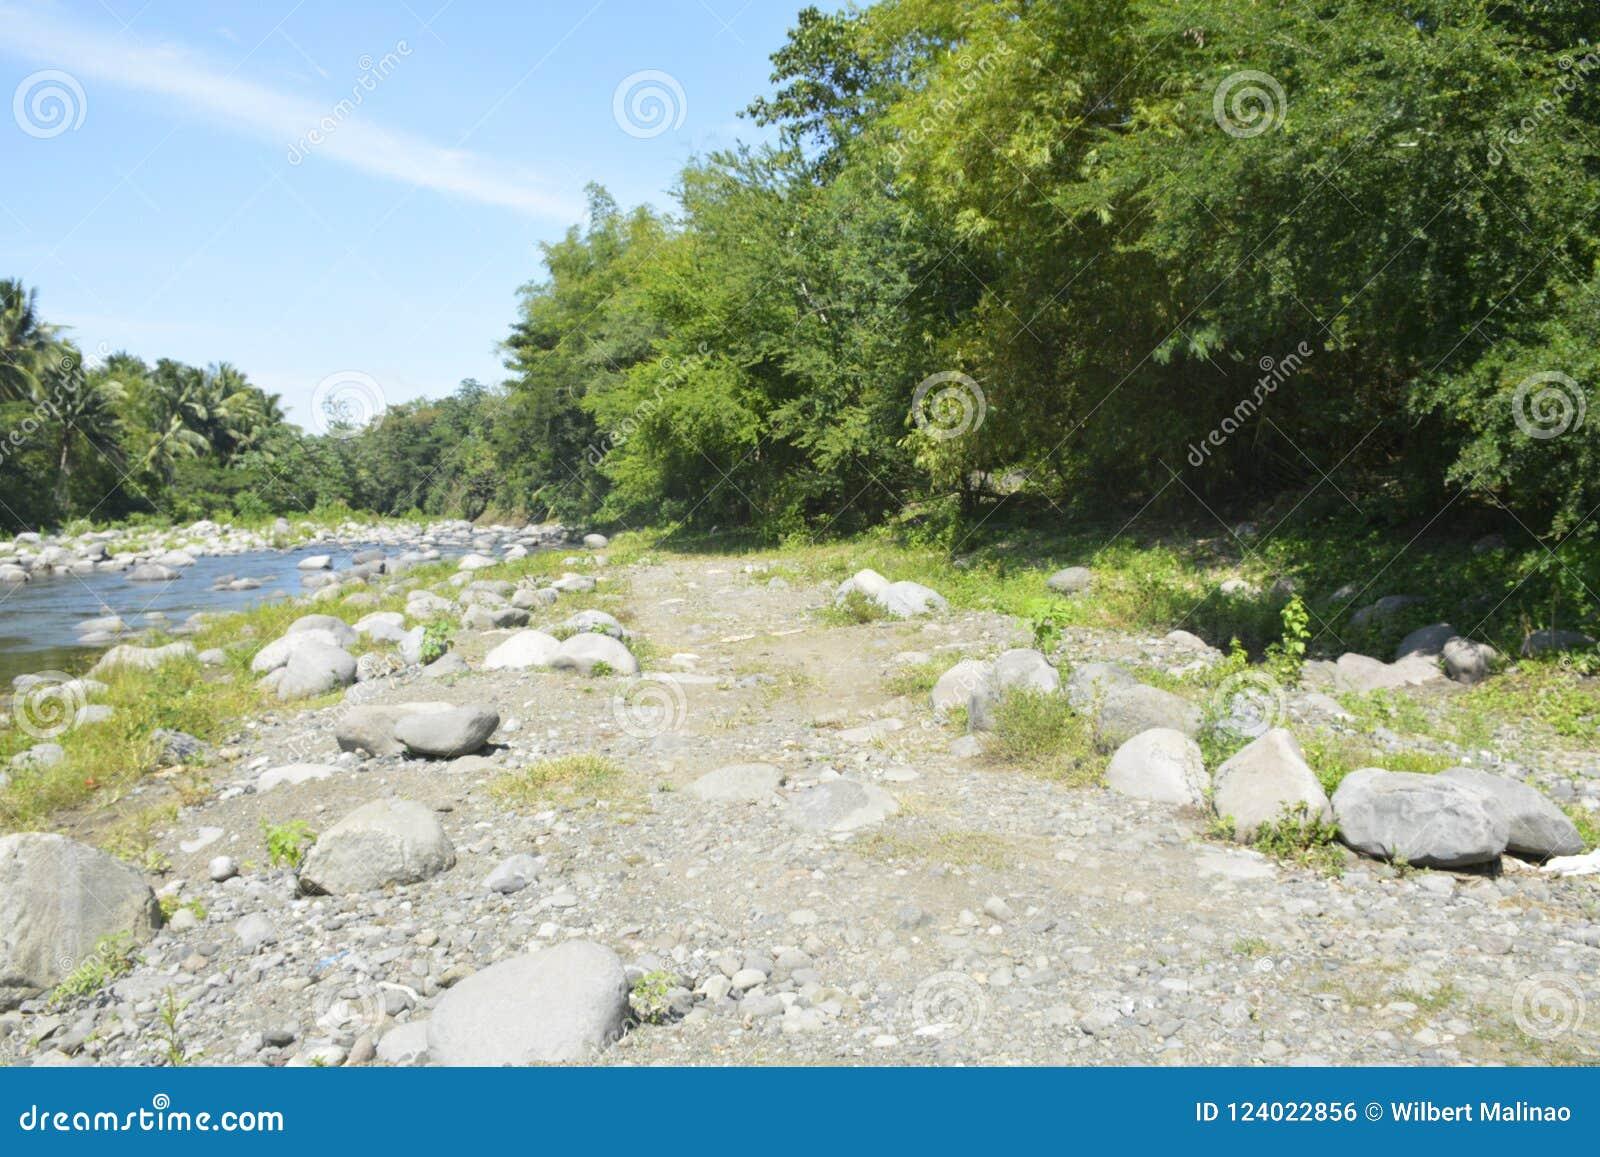 Riverbank situado em Ruparan barangay, cidade de Ruparan de Digos, Davao del Sur, Filipinas